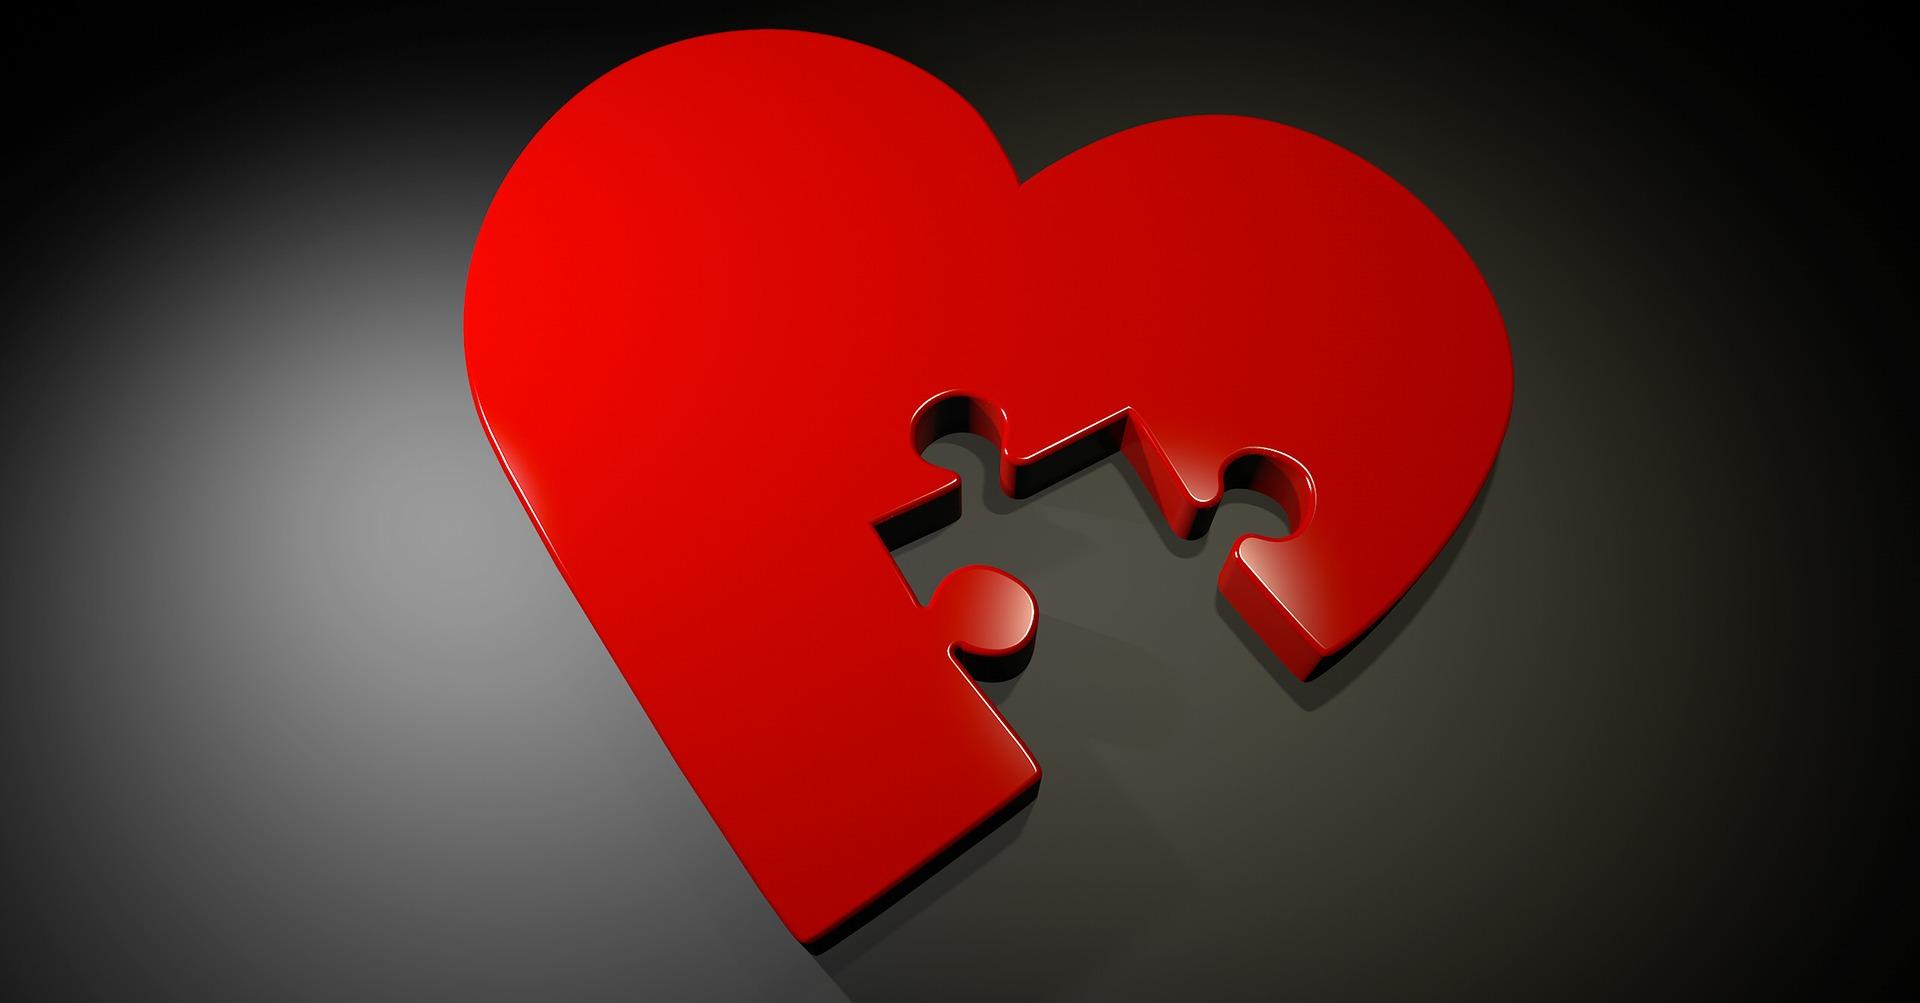 heart-1745300_1920.jpg